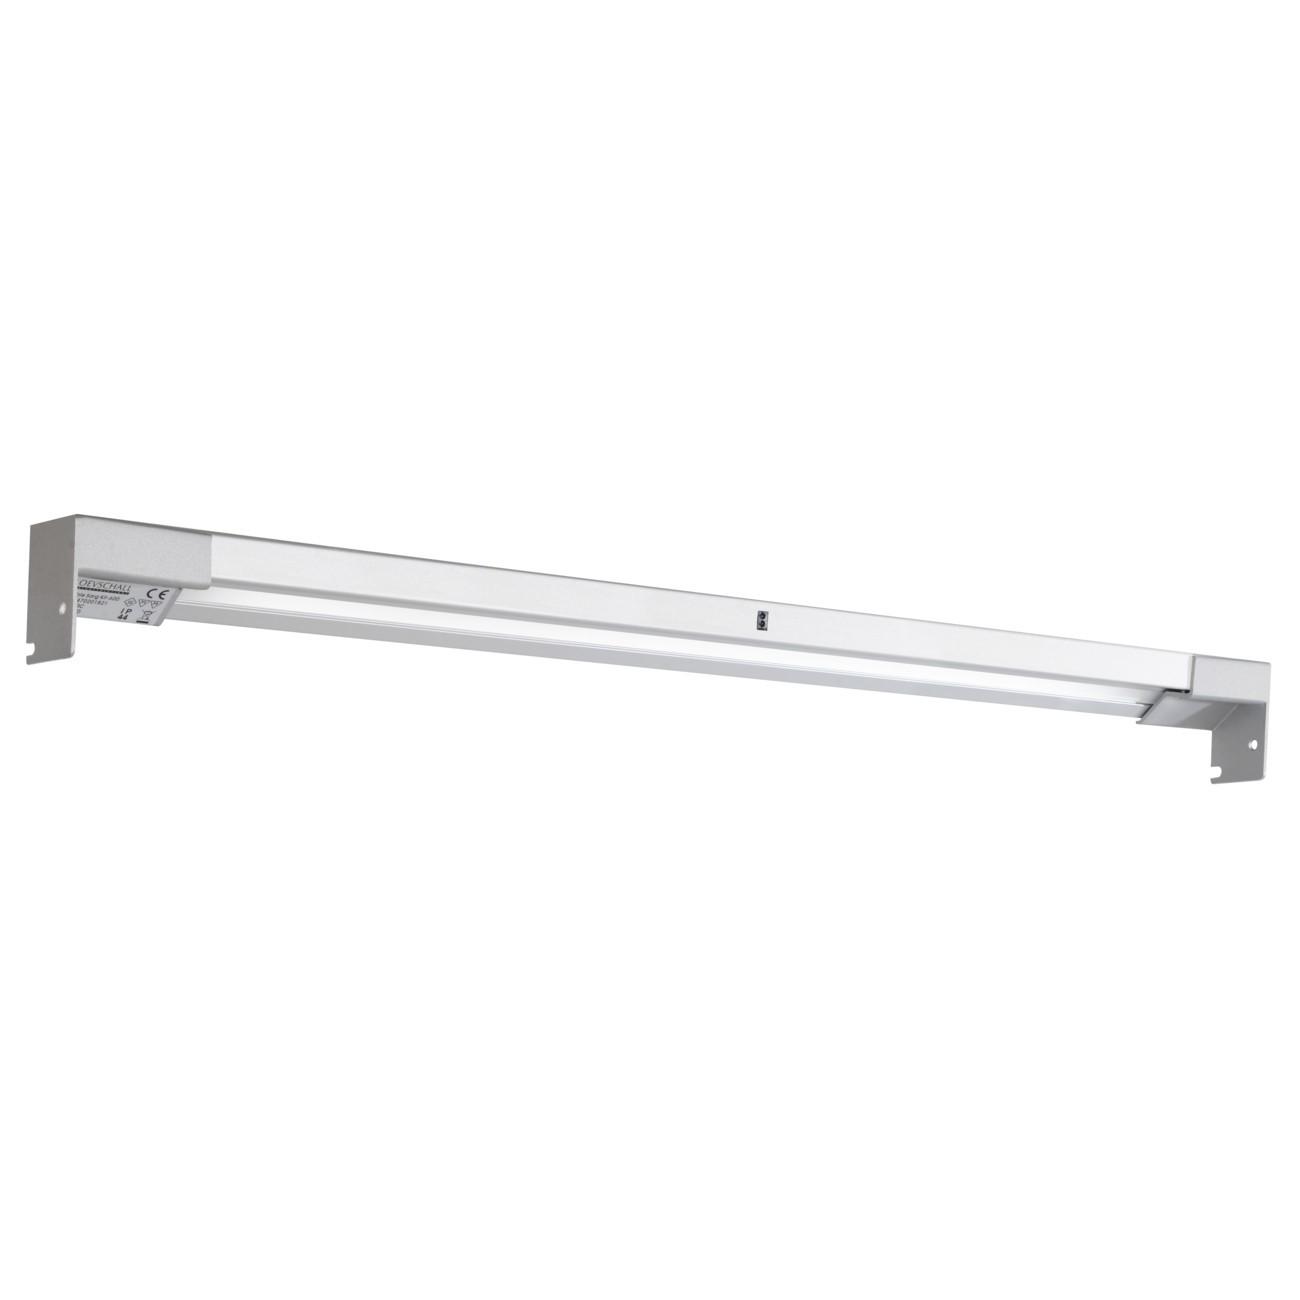 Lådbelysning Gustavsberg LED